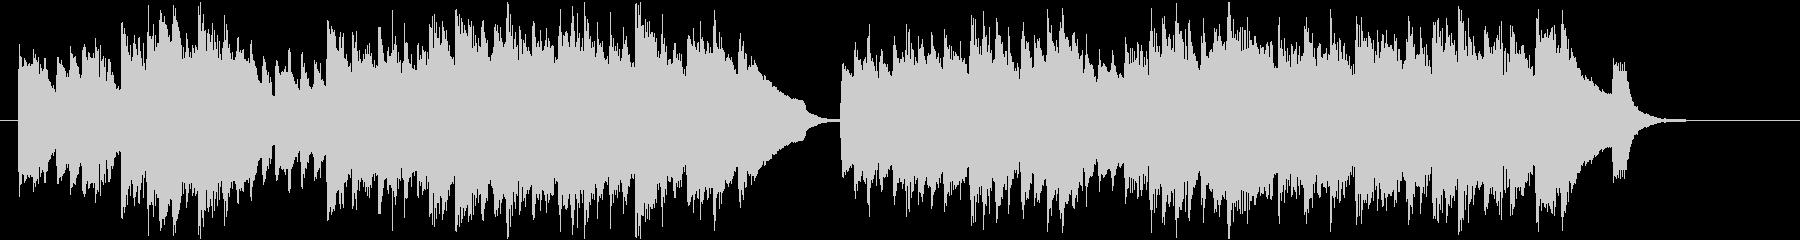 優雅なチェンバロのバロック風ジングルの未再生の波形